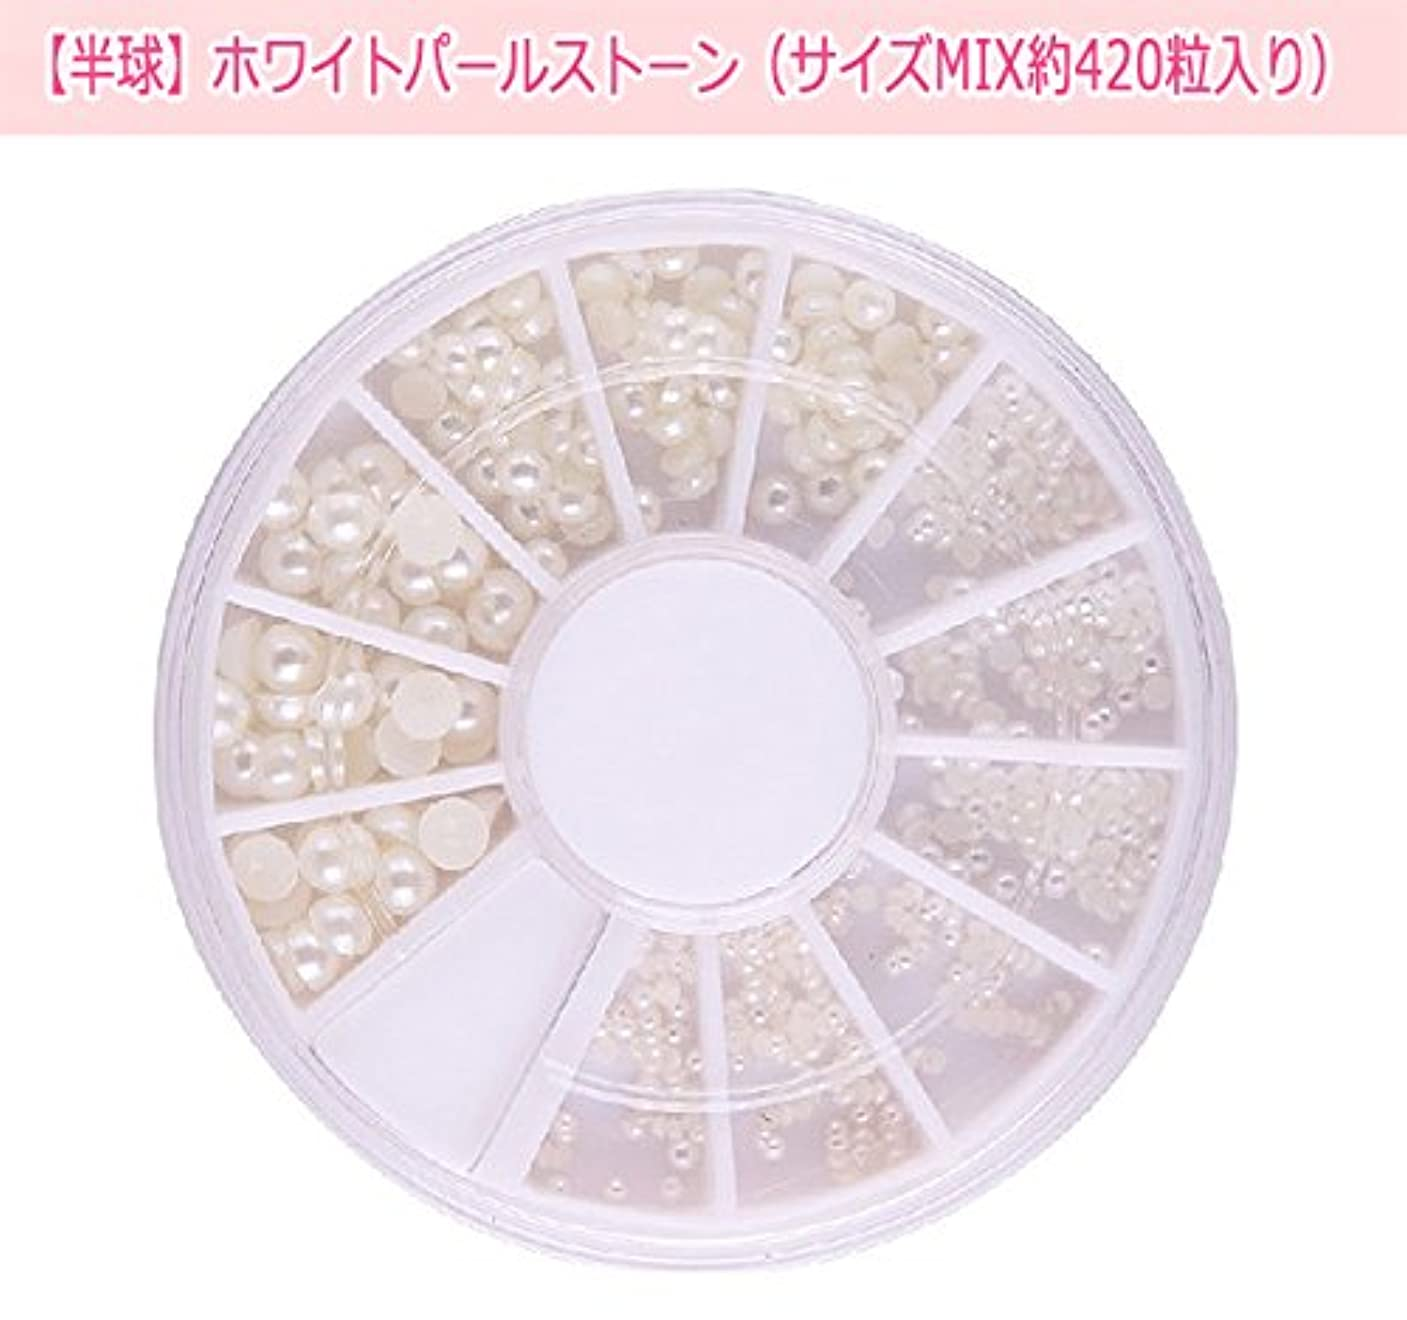 元気なシャツ荒野【半球】ホワイトパールストーン(サイズMIX約420粒入り)